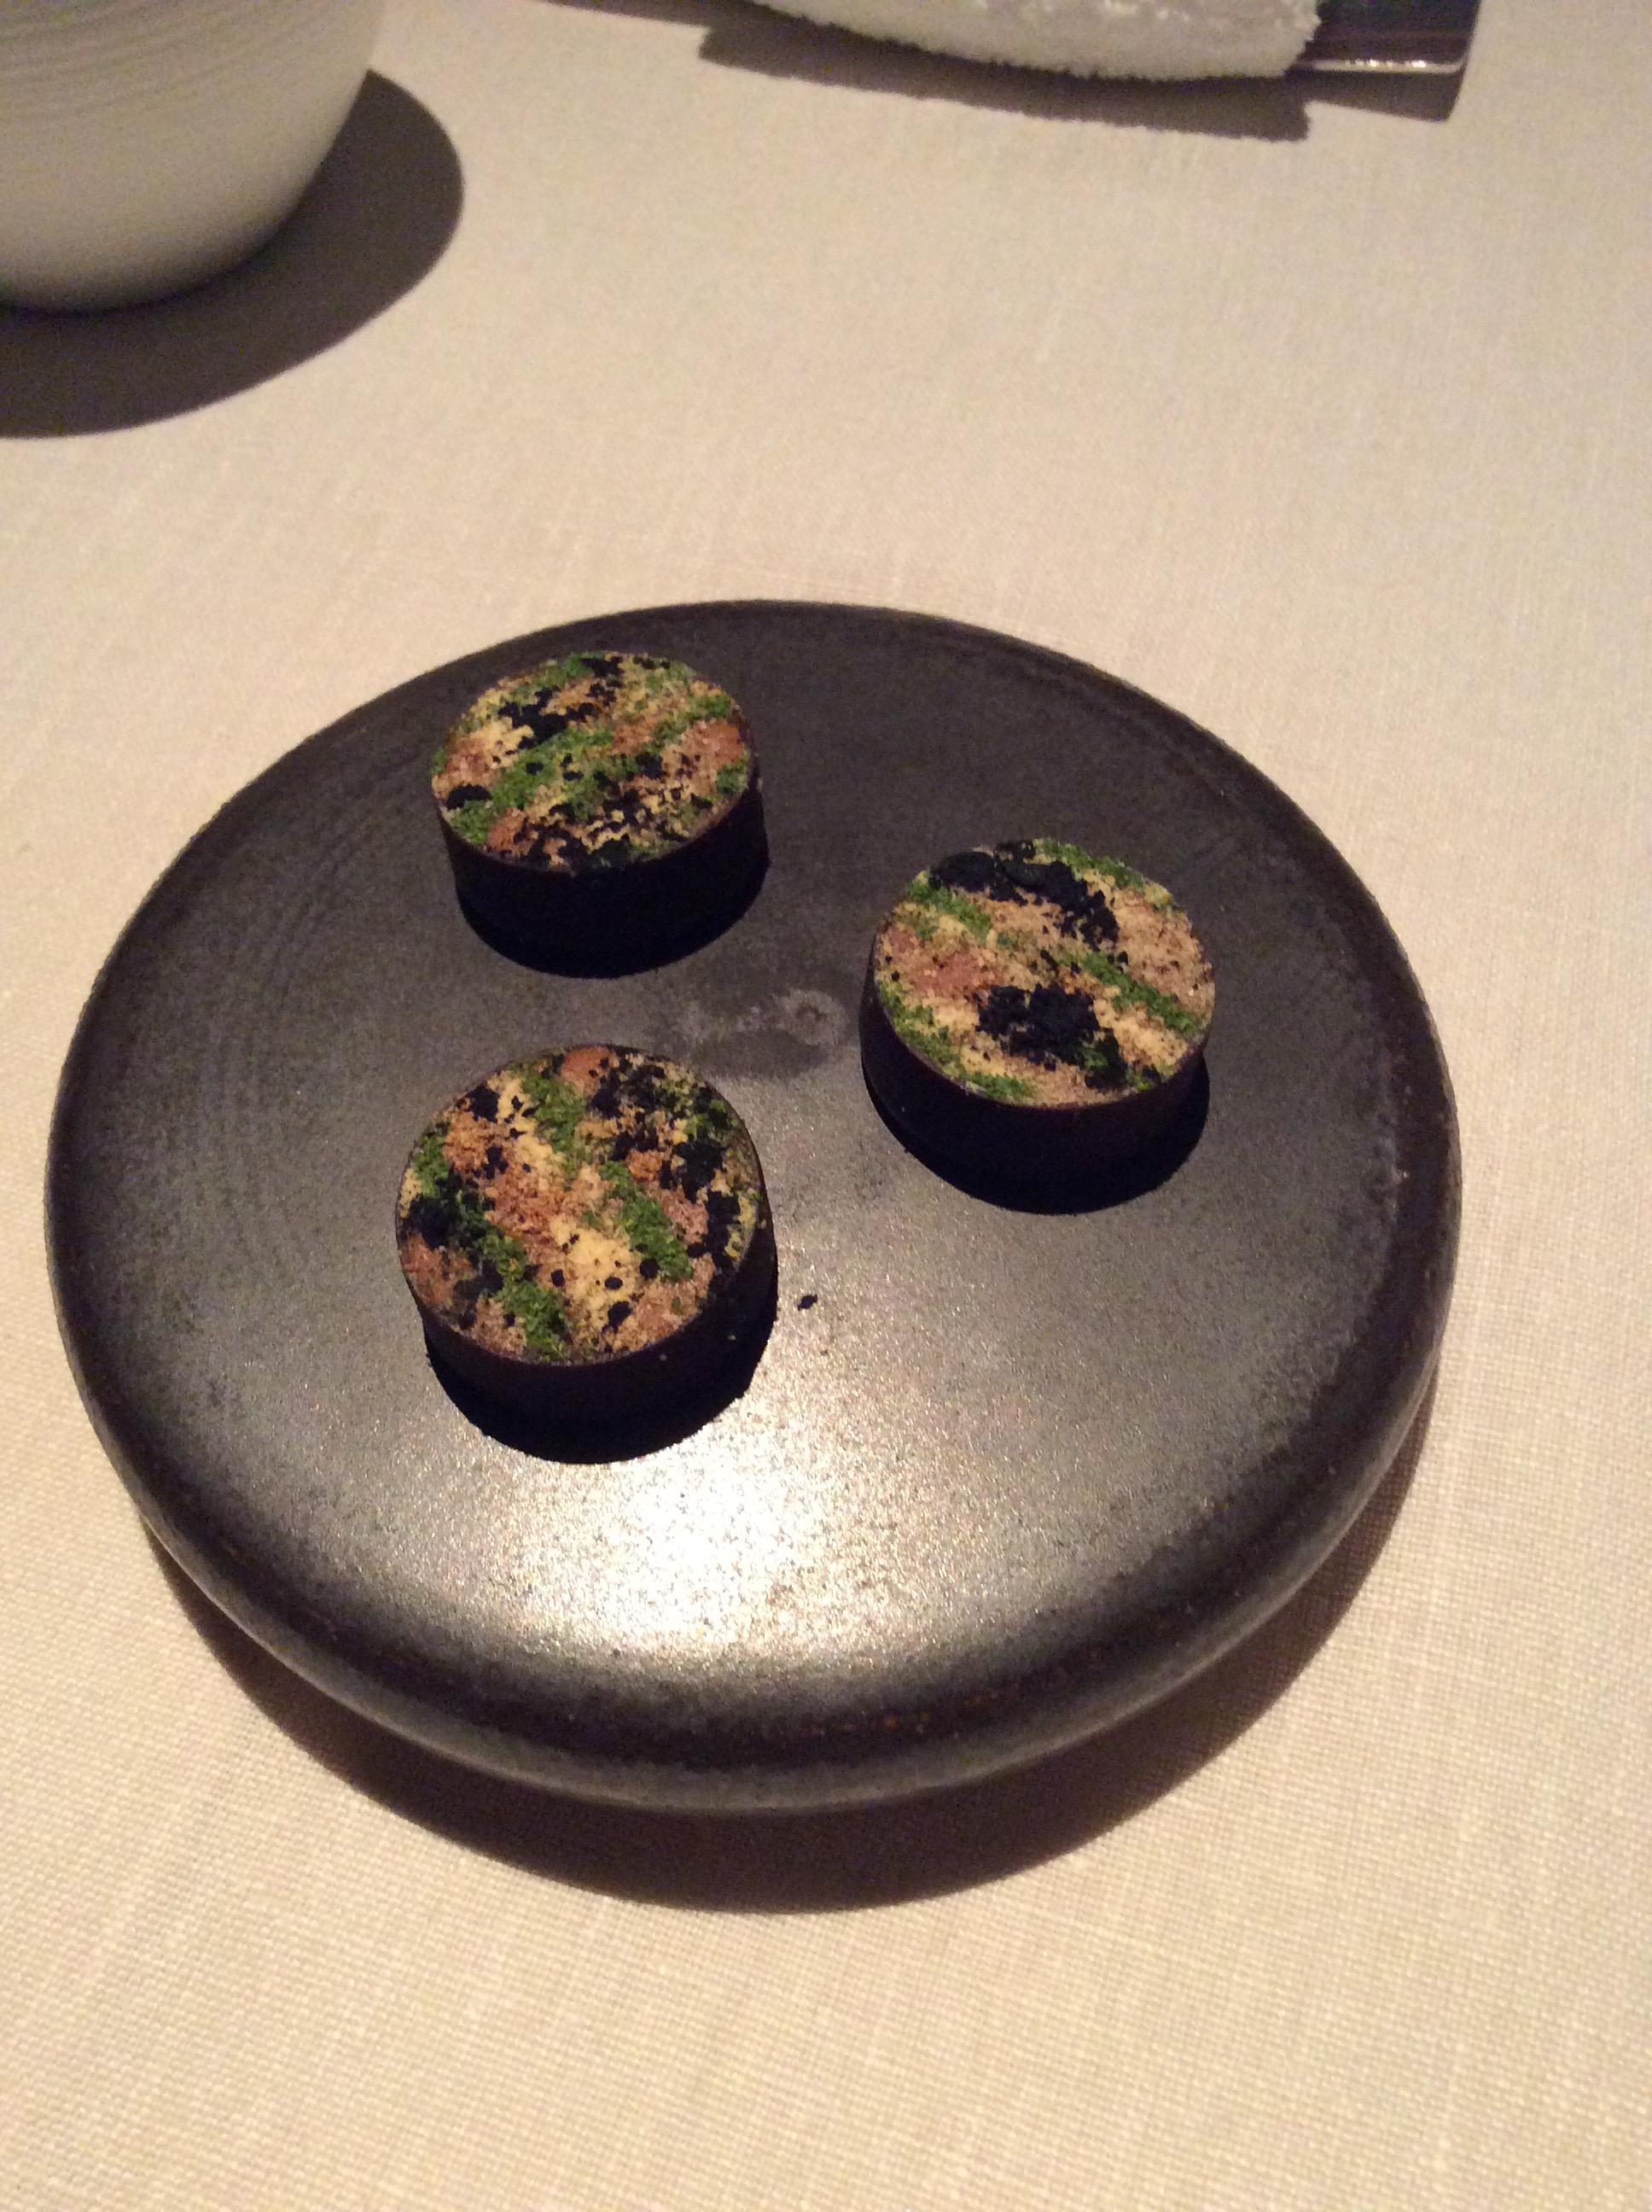 http://gourmet-italian.com/566.JPG